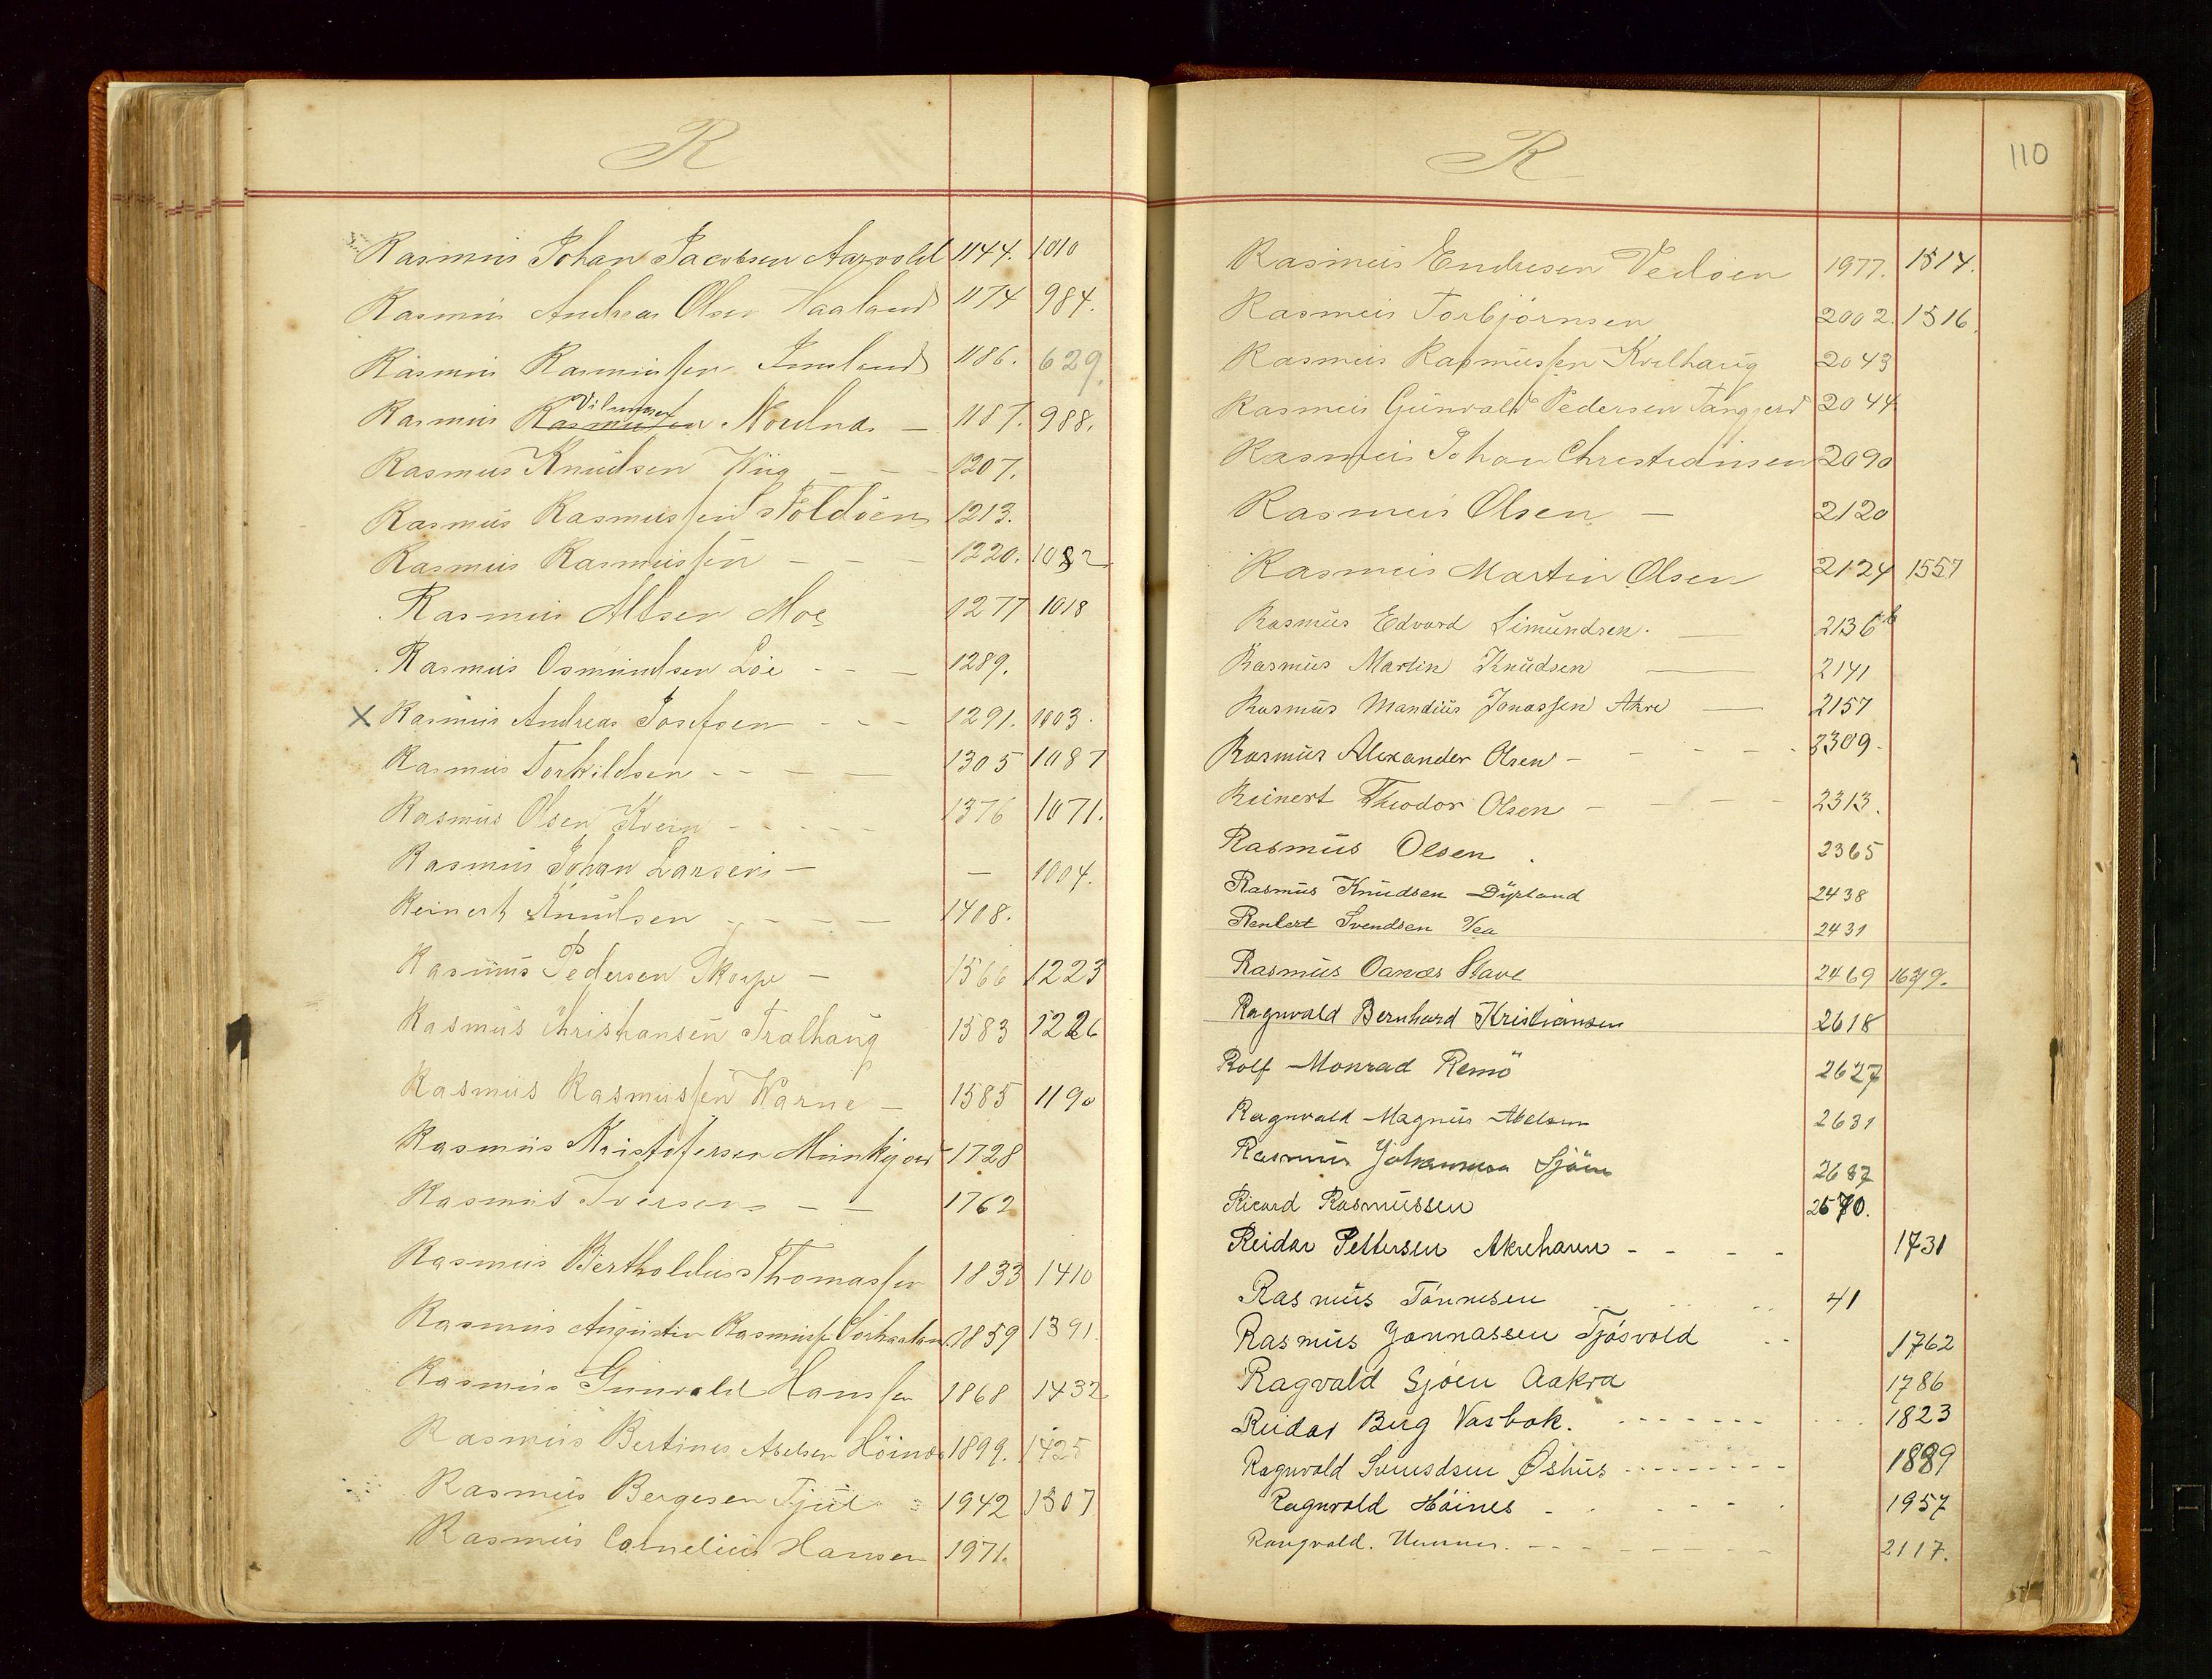 SAST, Haugesund sjømannskontor, F/Fb/Fba/L0003: Navneregister med henvisning til rullenummer (fornavn) Haugesund krets, 1860-1948, s. 110